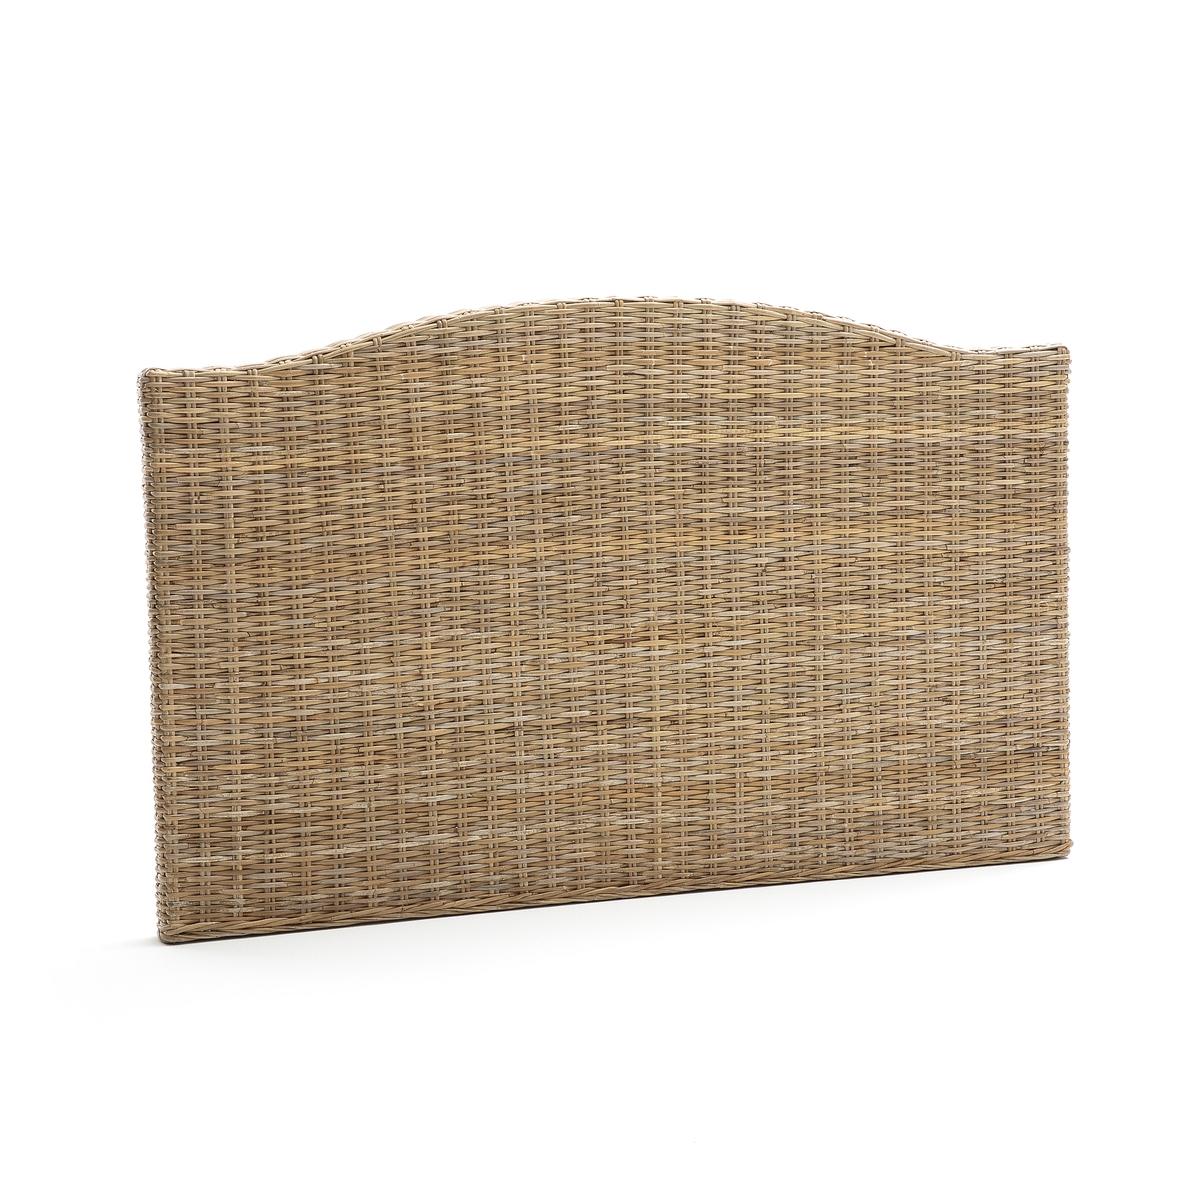 Изголовье La Redoute -спальной кровати из плетеного тростника Malu 160 см бежевый цена